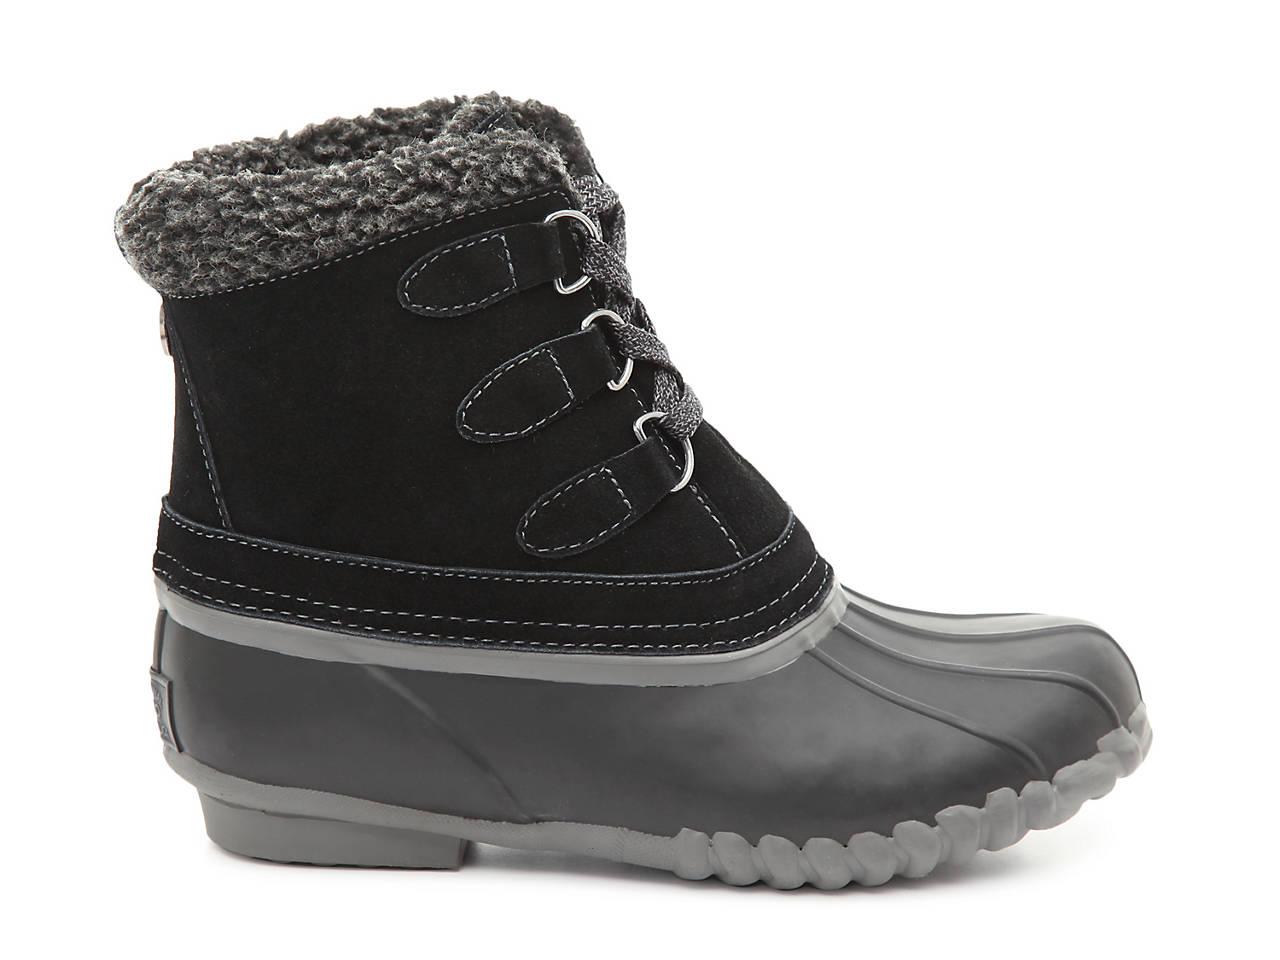 83feda46125 Degas 3 Duck Boot